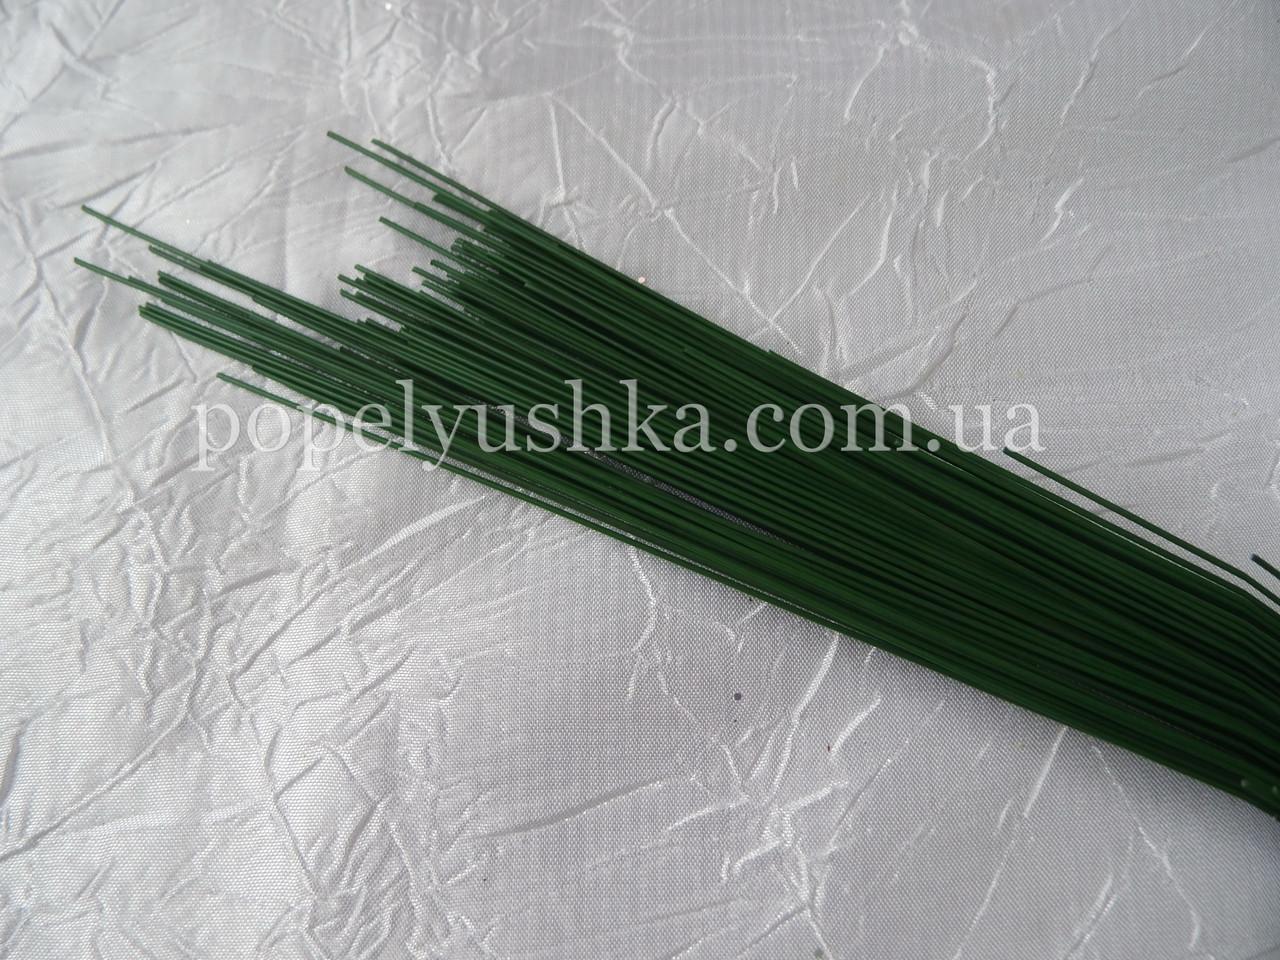 Проволока флористическая 1 мм (50 шт)